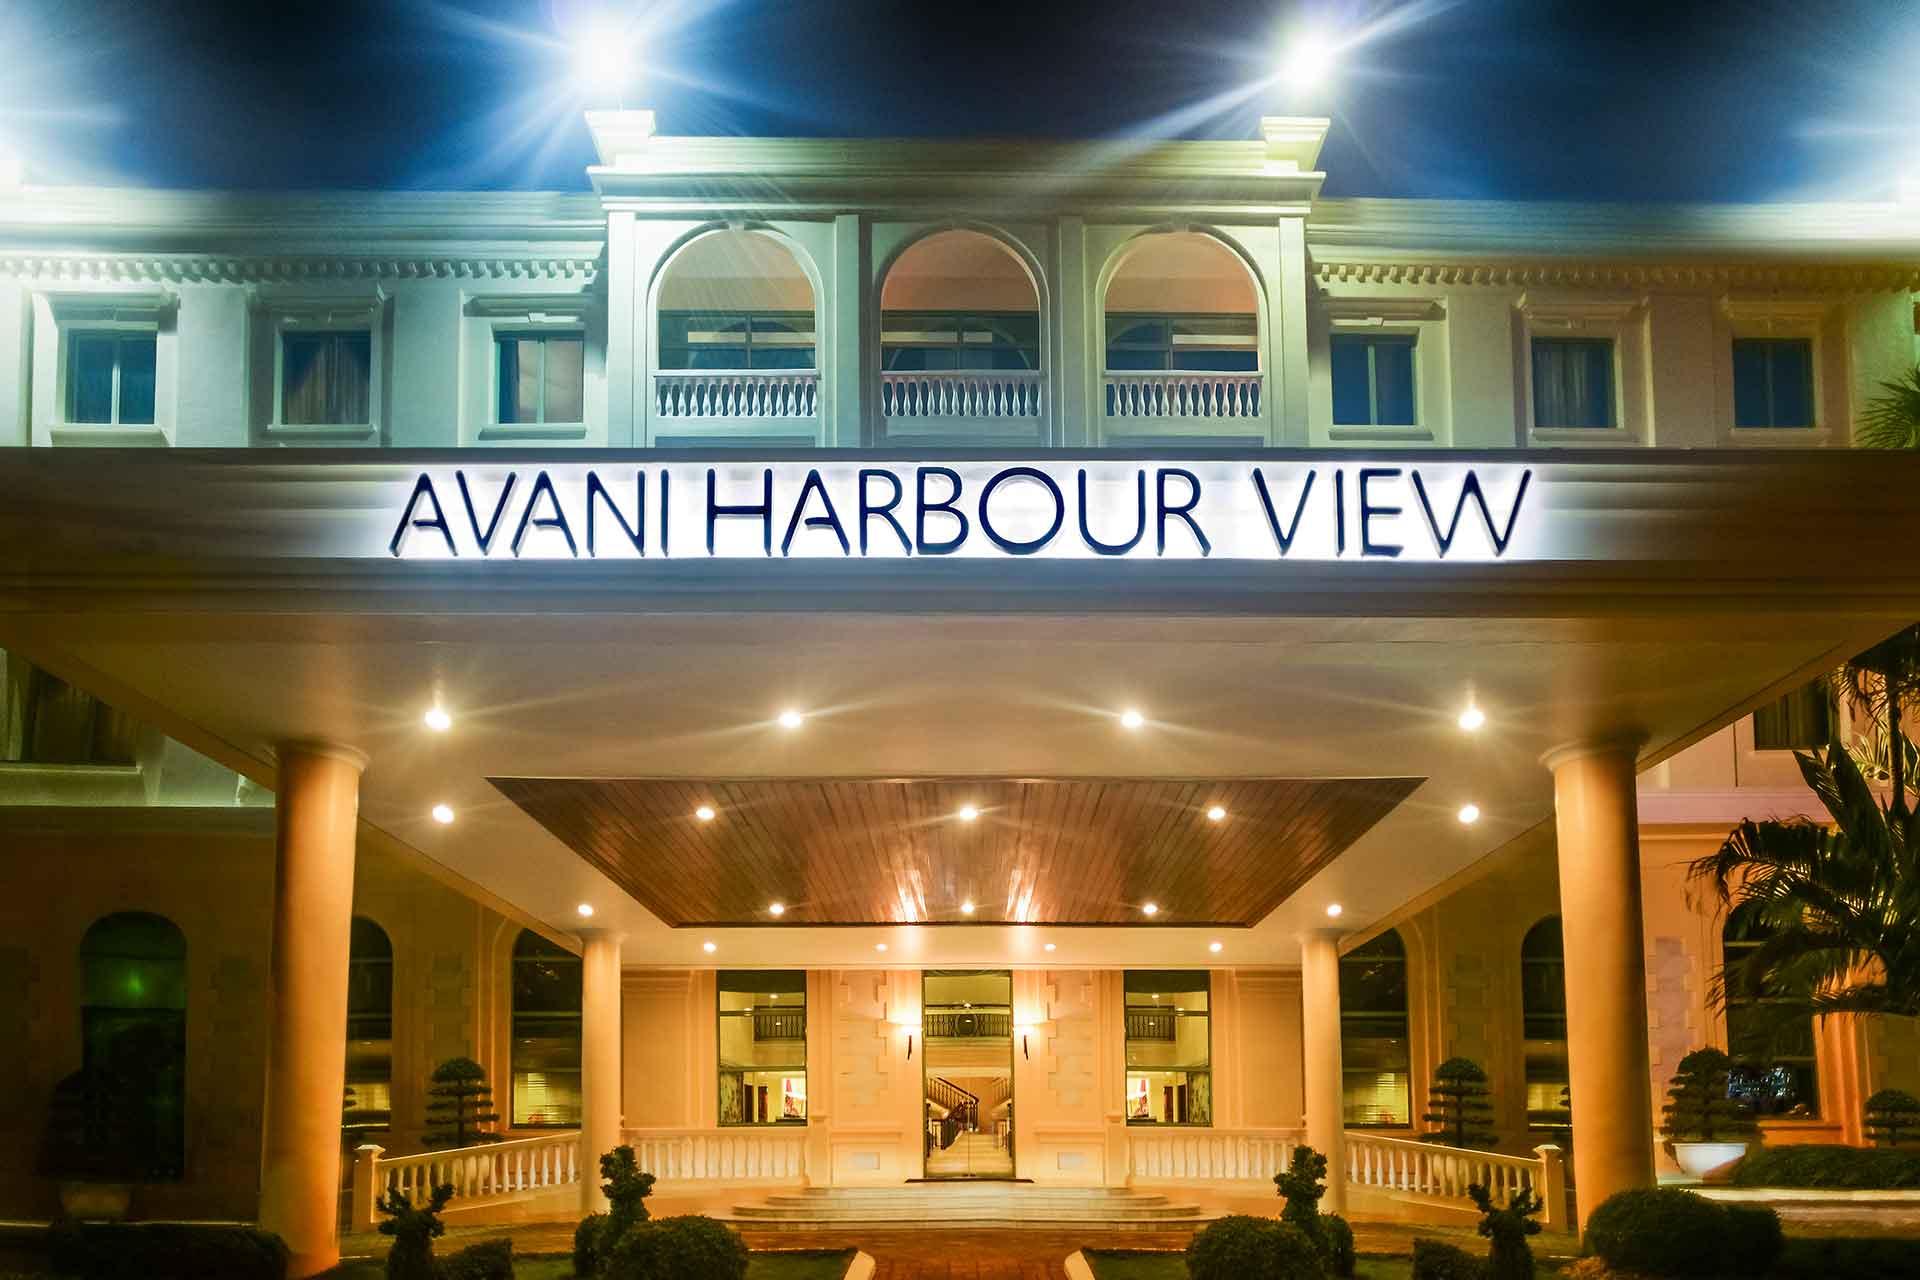 AVANI Harbour View hotel entrance